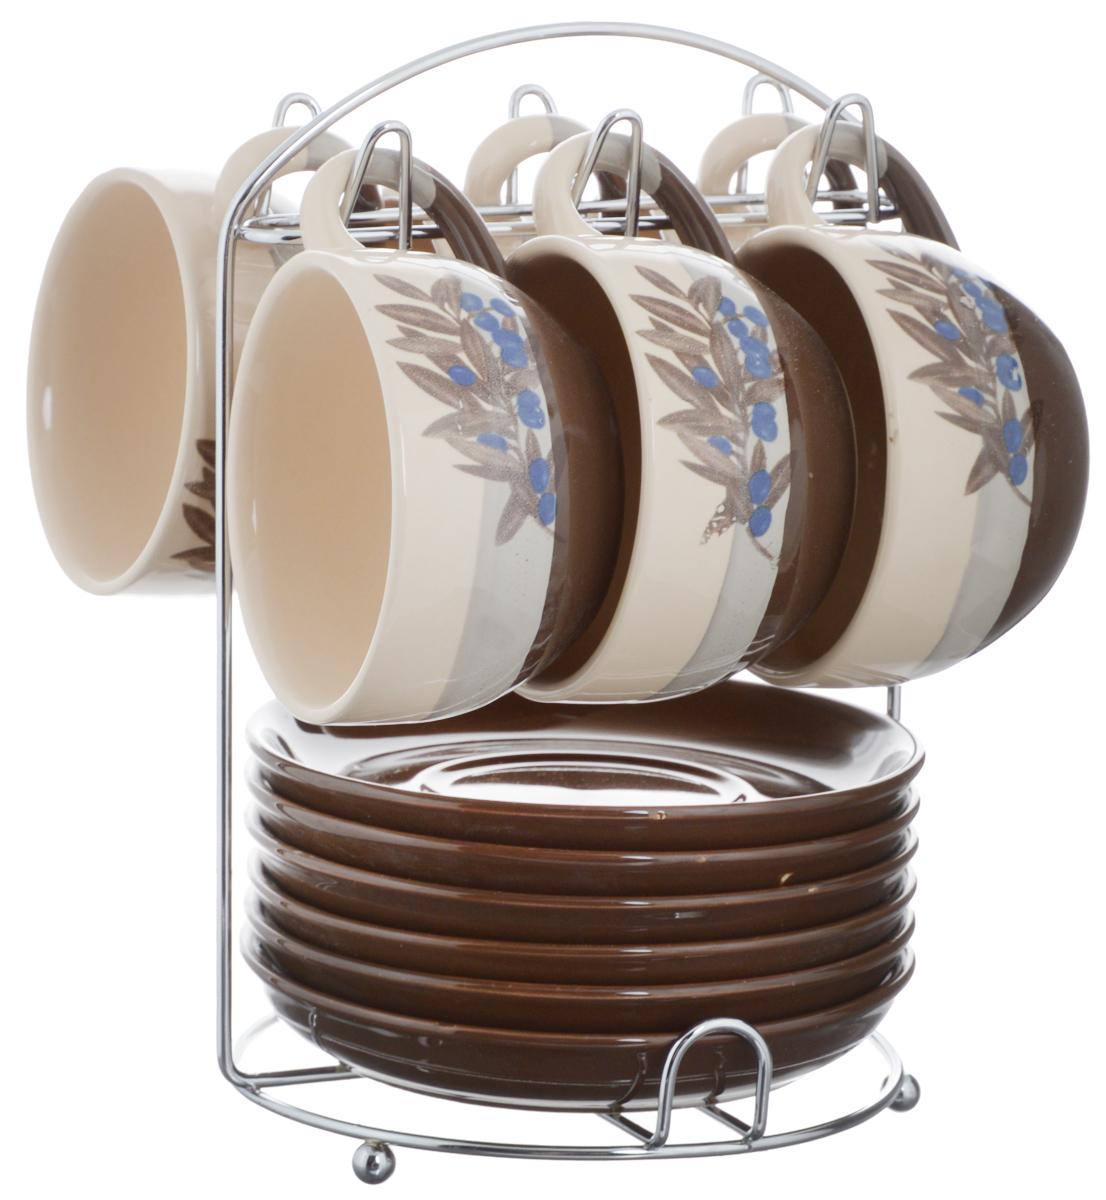 Набор чайный Calve. Маслины, на подставке, 13 предметовCL-2022Набор Calve. Маслины состоит из шести чашек и шести блюдец, изготовленных из высококачественного фарфора. Чашки оформлены ярким принтом. Изделия расположены на металлической подставке. Такой набор подходит для подачи чая или кофе. Изящный дизайн придется по вкусу и ценителям классики, и тем, кто предпочитает утонченность и изысканность. Он настроит на позитивный лад и подарит хорошее настроение с самого утра. Чайный набор Calve - идеальный и необходимый подарок для вашего дома и для ваших друзей в праздники. Можно мыть в посудомоечной машине. Объем чашки: 220 мл. Диаметр чашки (по верхнему краю): 9,5 см. Высота чашки: 6,3 см. Диаметр блюдца: 14,5 см. Высота блюдца: 2,3 см. Размер подставки: 16,5 х 16 х 22,5 см.